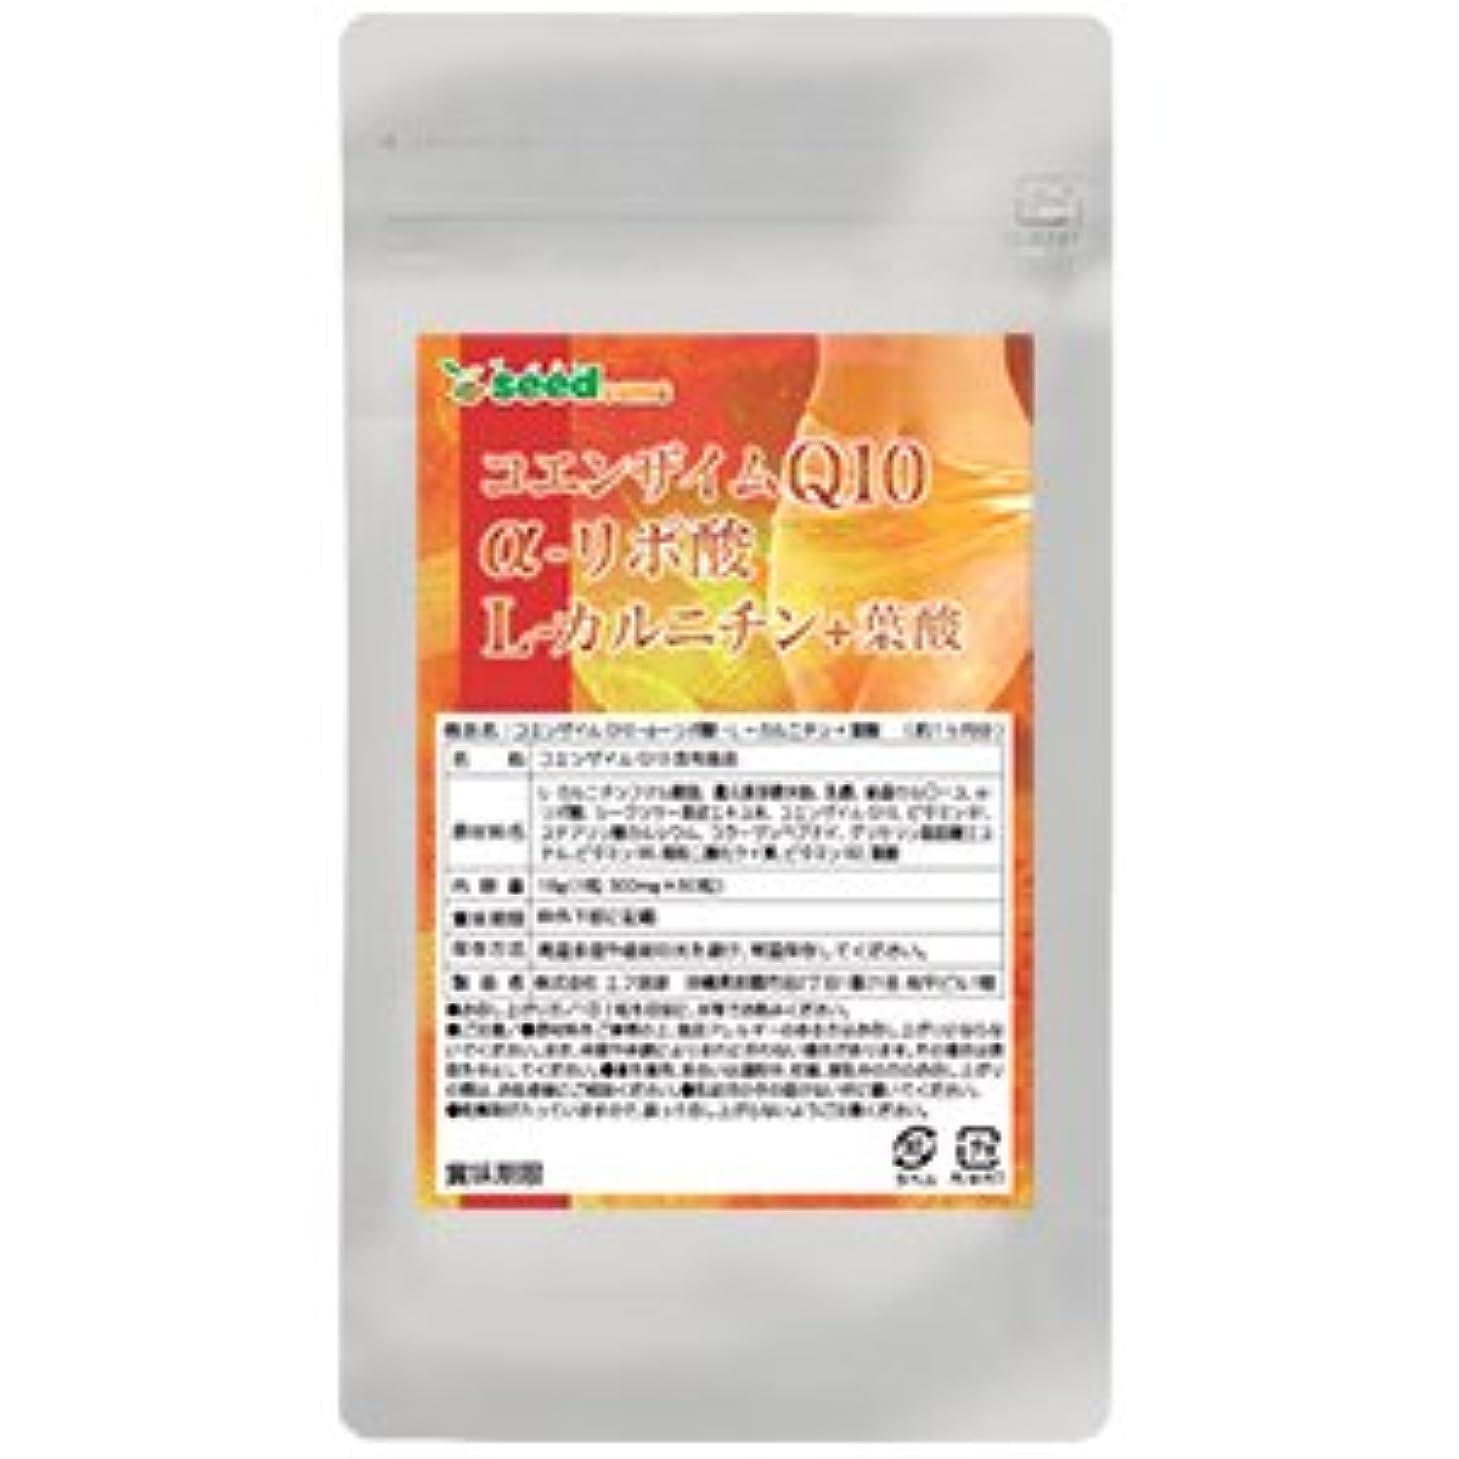 刑務所破壊的な市民権コエンザイムQ10 α-リポ酸 L-カルニチン + 葉酸 (約3ヶ月分/180粒) シークワーサーエキス配合